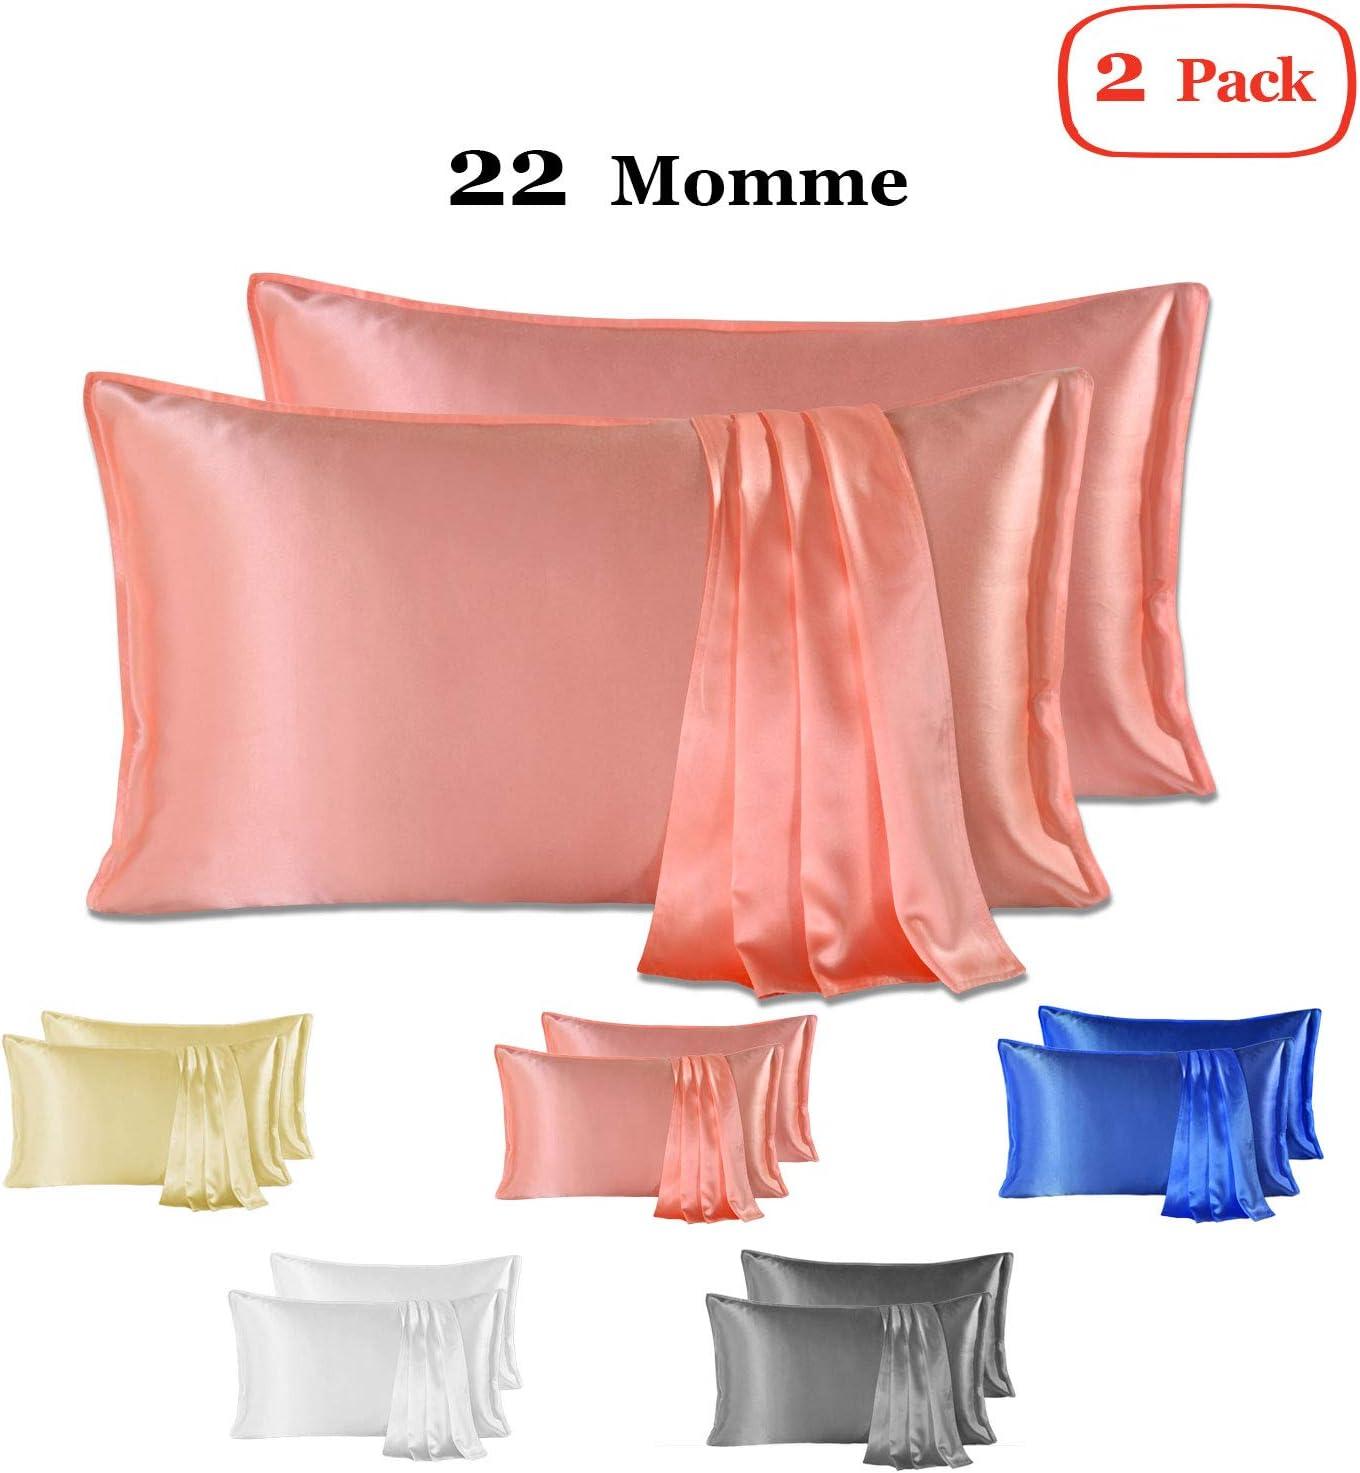 Since Silk Fundas de Almohada de Seda 100/% Mora Natural 22 Momme 50 * 75cm Suaves y Cuidado de la Cabello Funda de Almohada de Seda 2 Piezas Pink